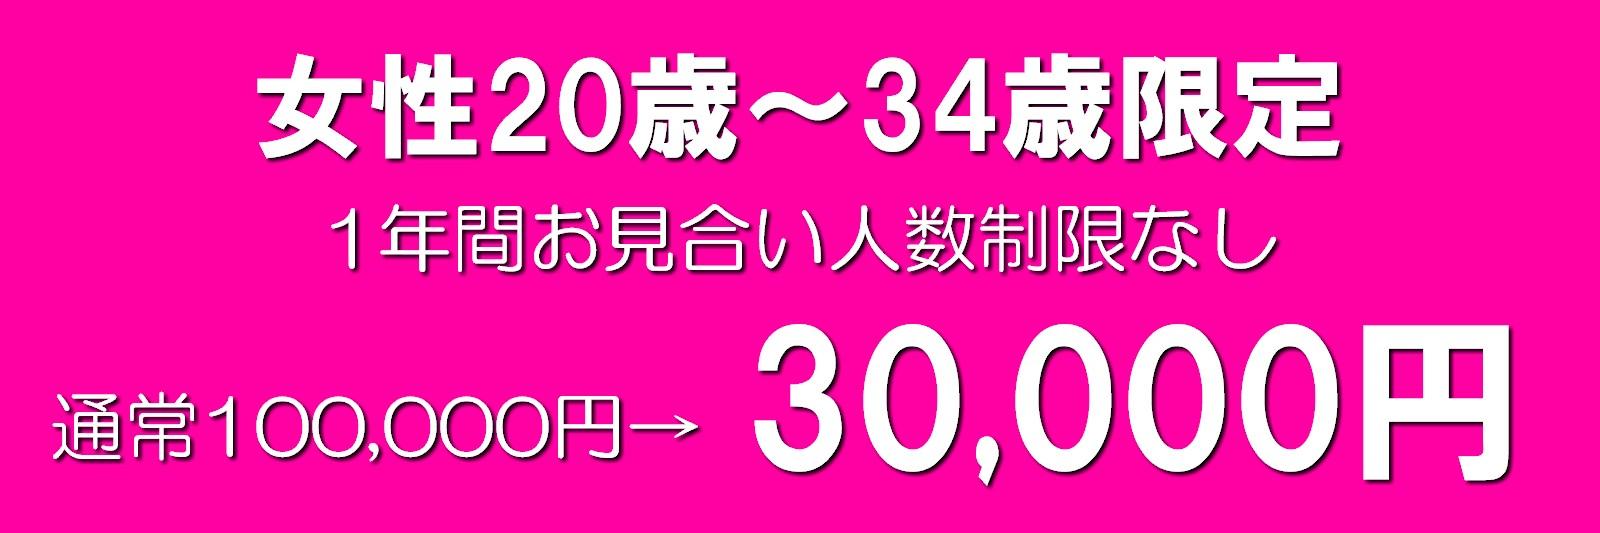 東京で婚活するなら婚活女性20歳~34歳限定クーポン・1年間お見合い人数制限なし【32,400円】